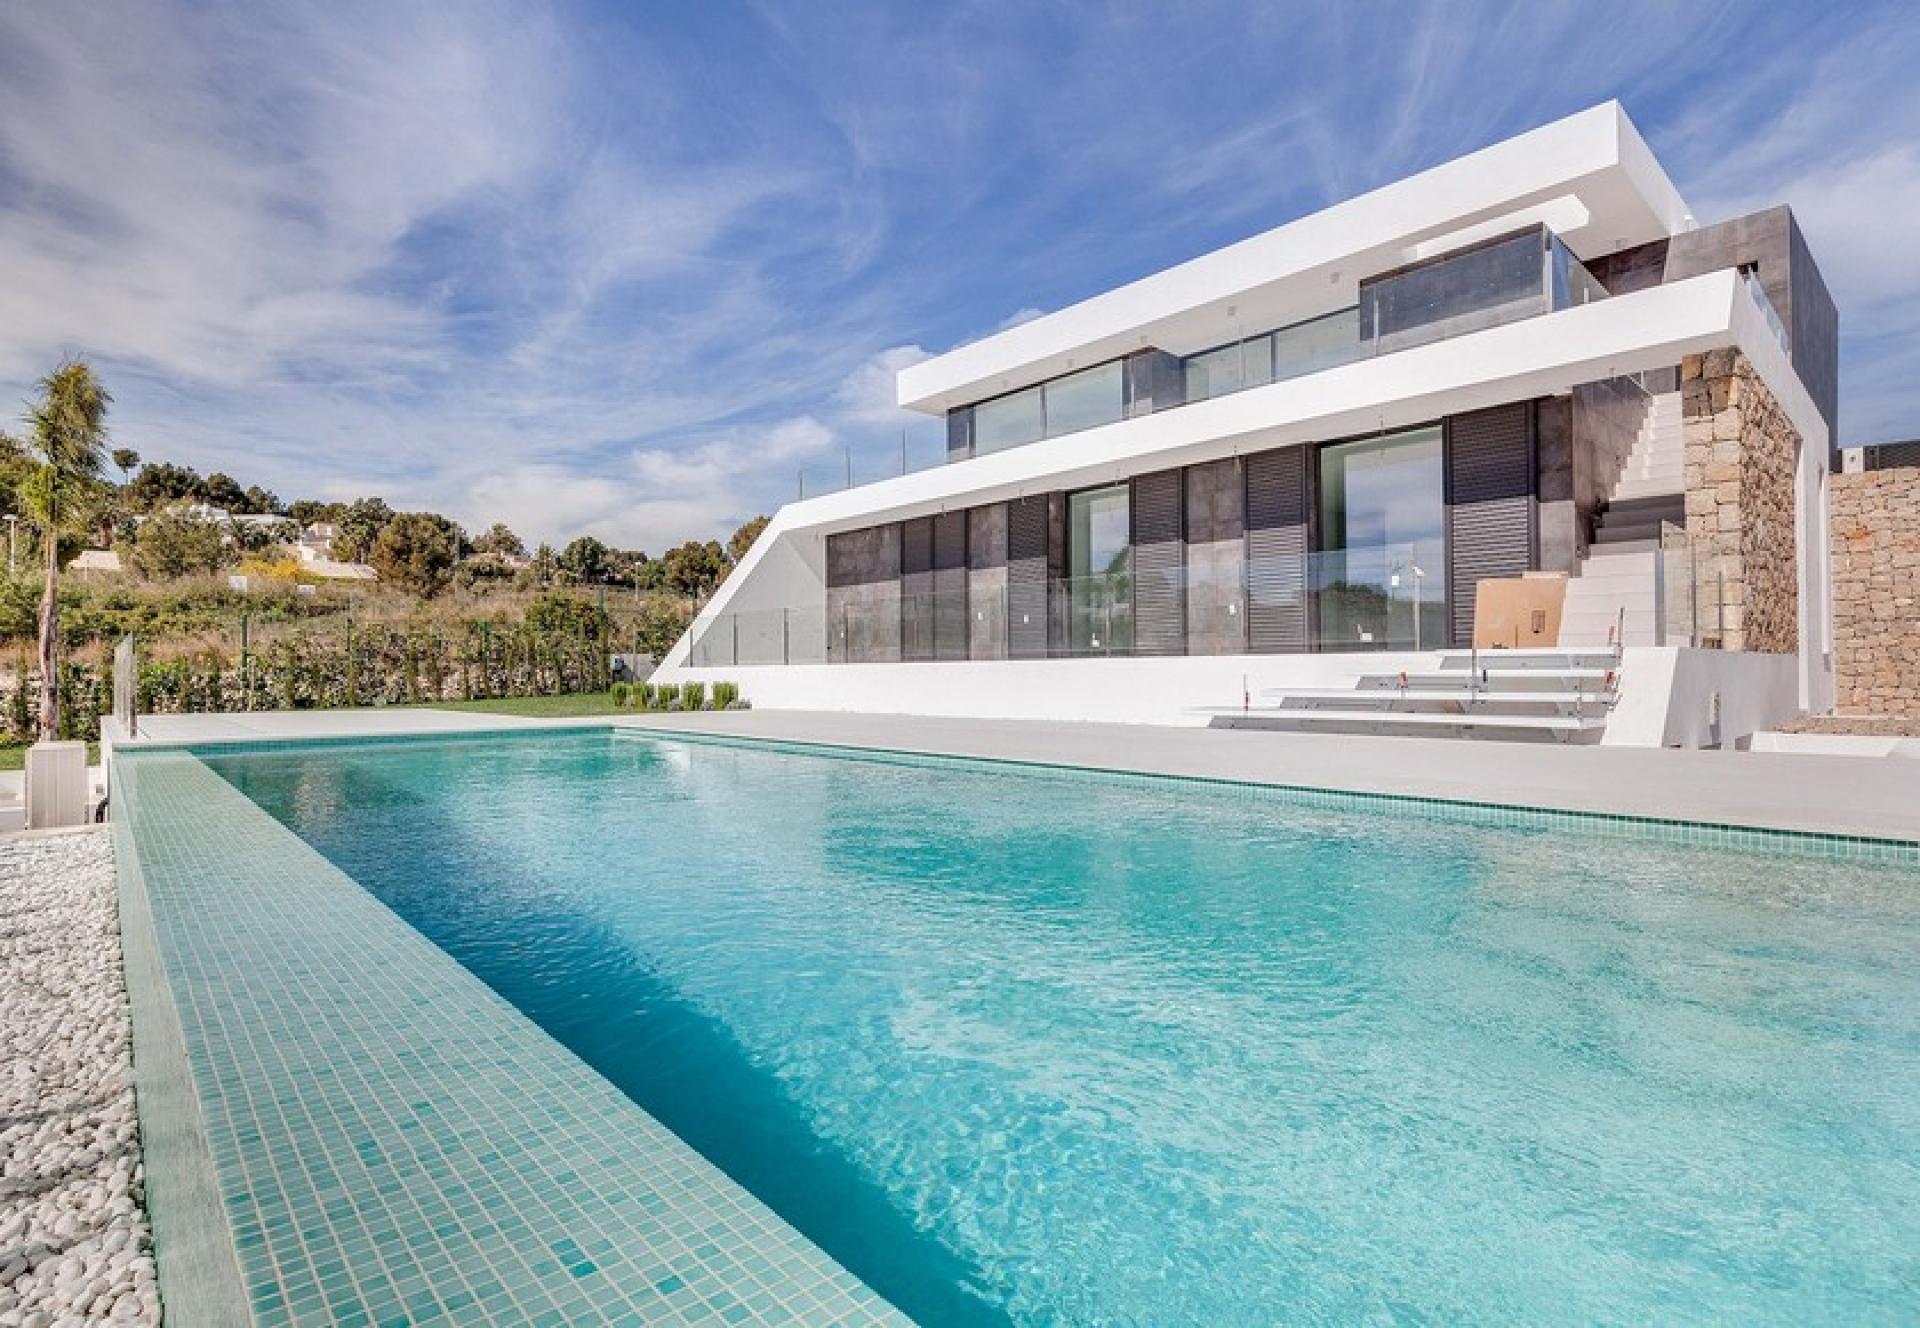 Maisons de luxe en Costa del Sol